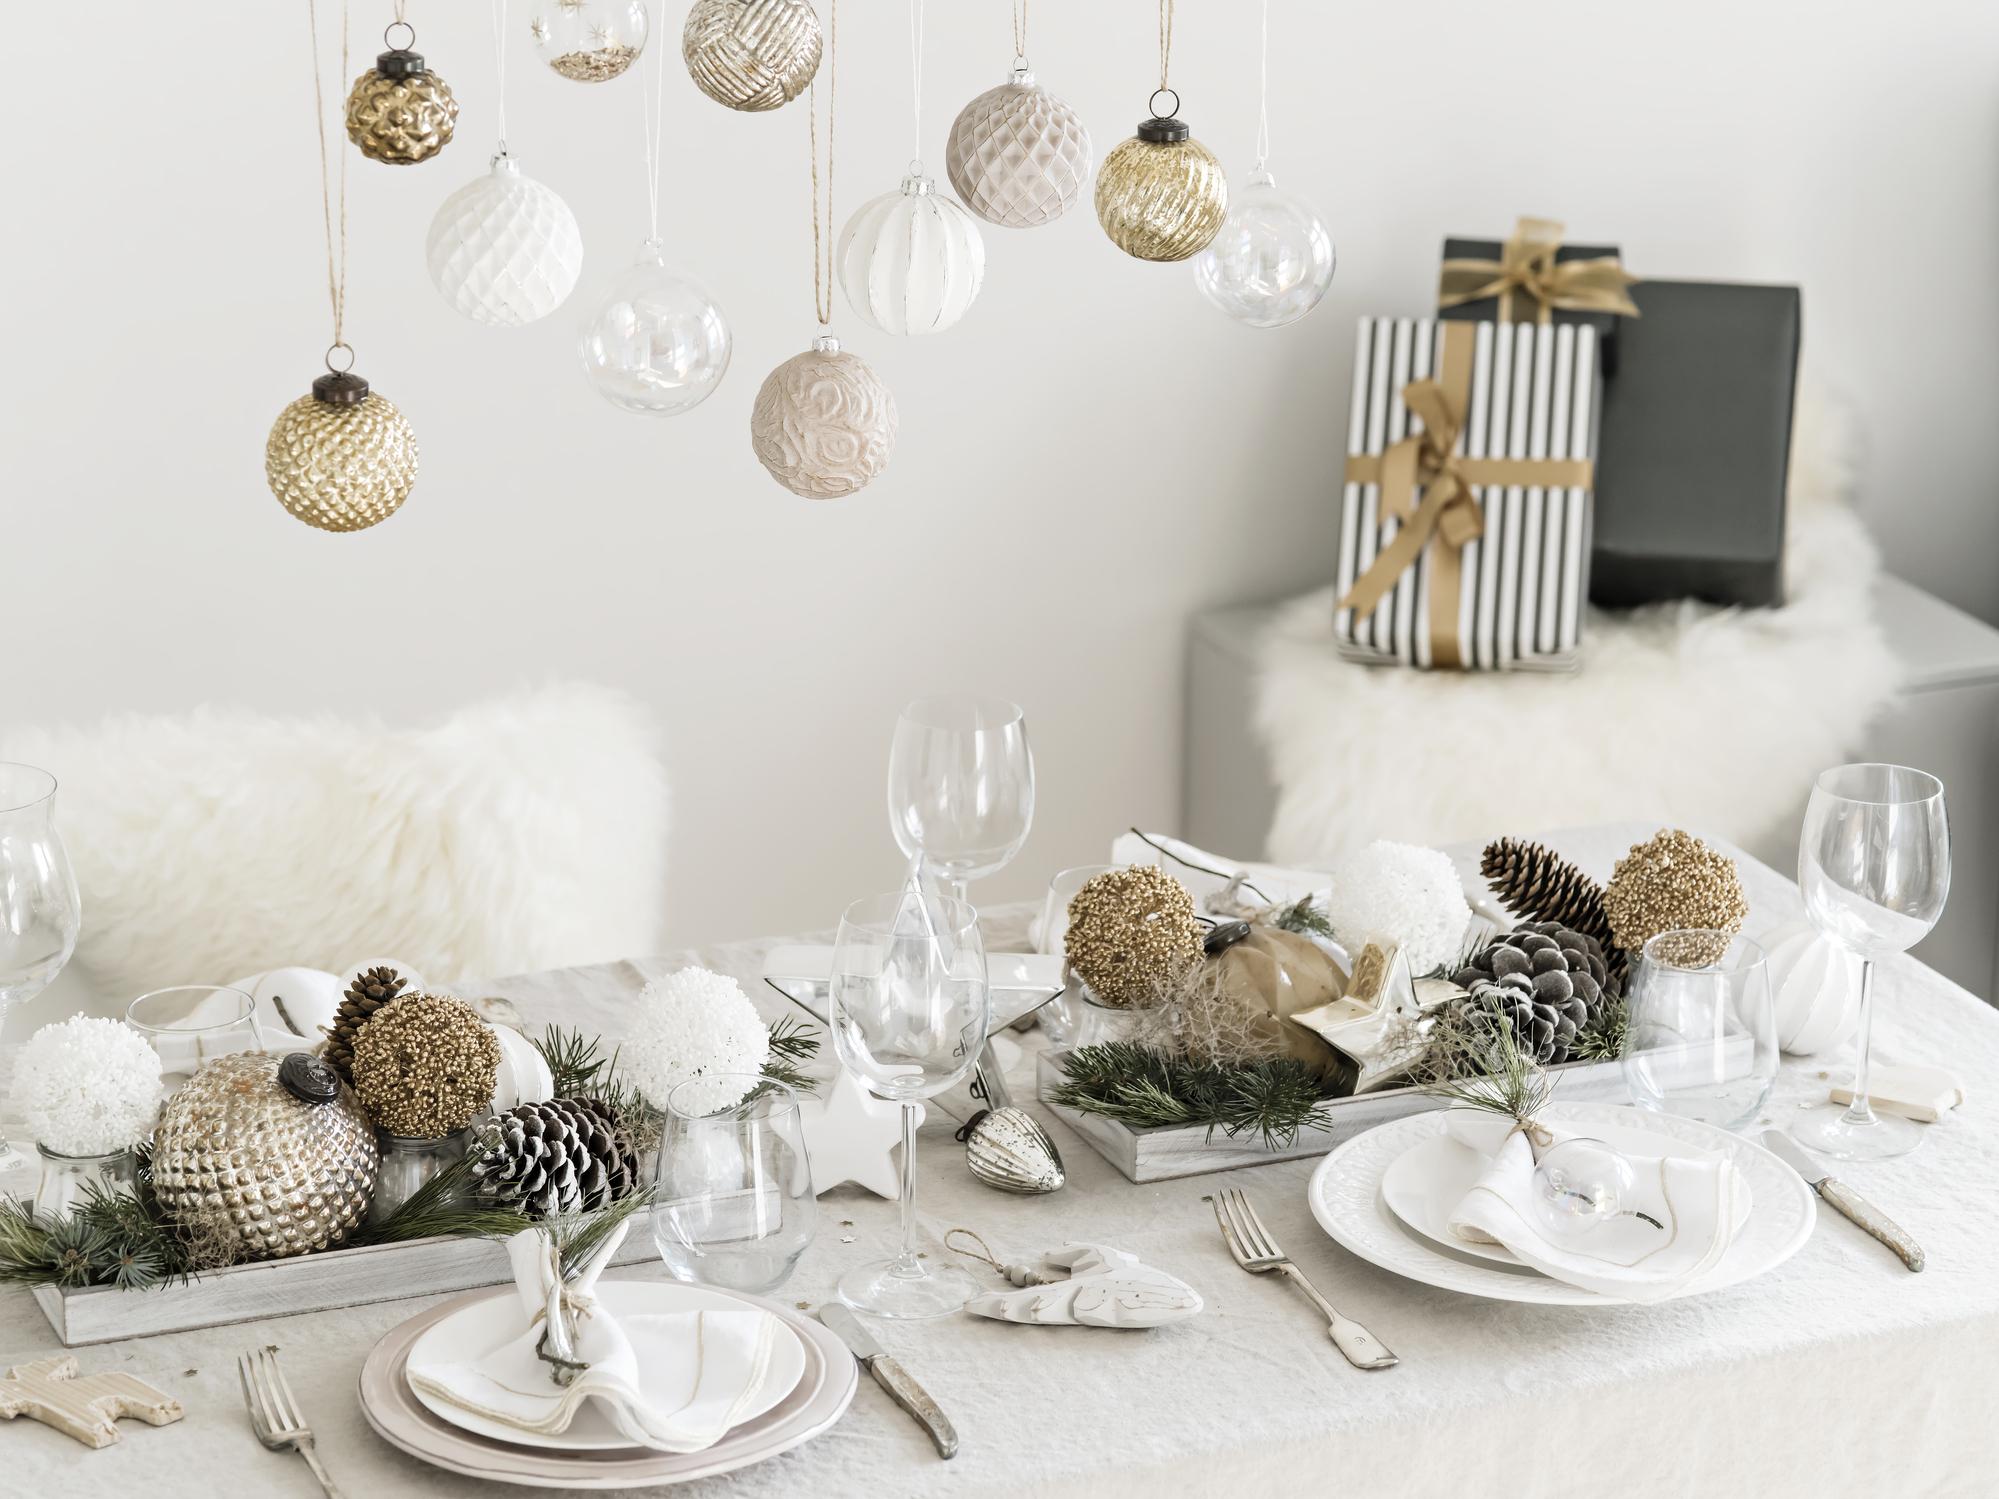 3. Перфектното посрещане на Нова година може да бъде възможно и в дома ви, но отново трябва да помислите за това по-отрано. За да бъде приятна обстановката, е добре да направите цялостно почистване на дома, да подсигурите комфорт за гостите, защото надали ще е приятно да се окаже някой без прибори или стол в последния момент. Броят на гостите е от особено значение, за да избегнете неловките ситуации.